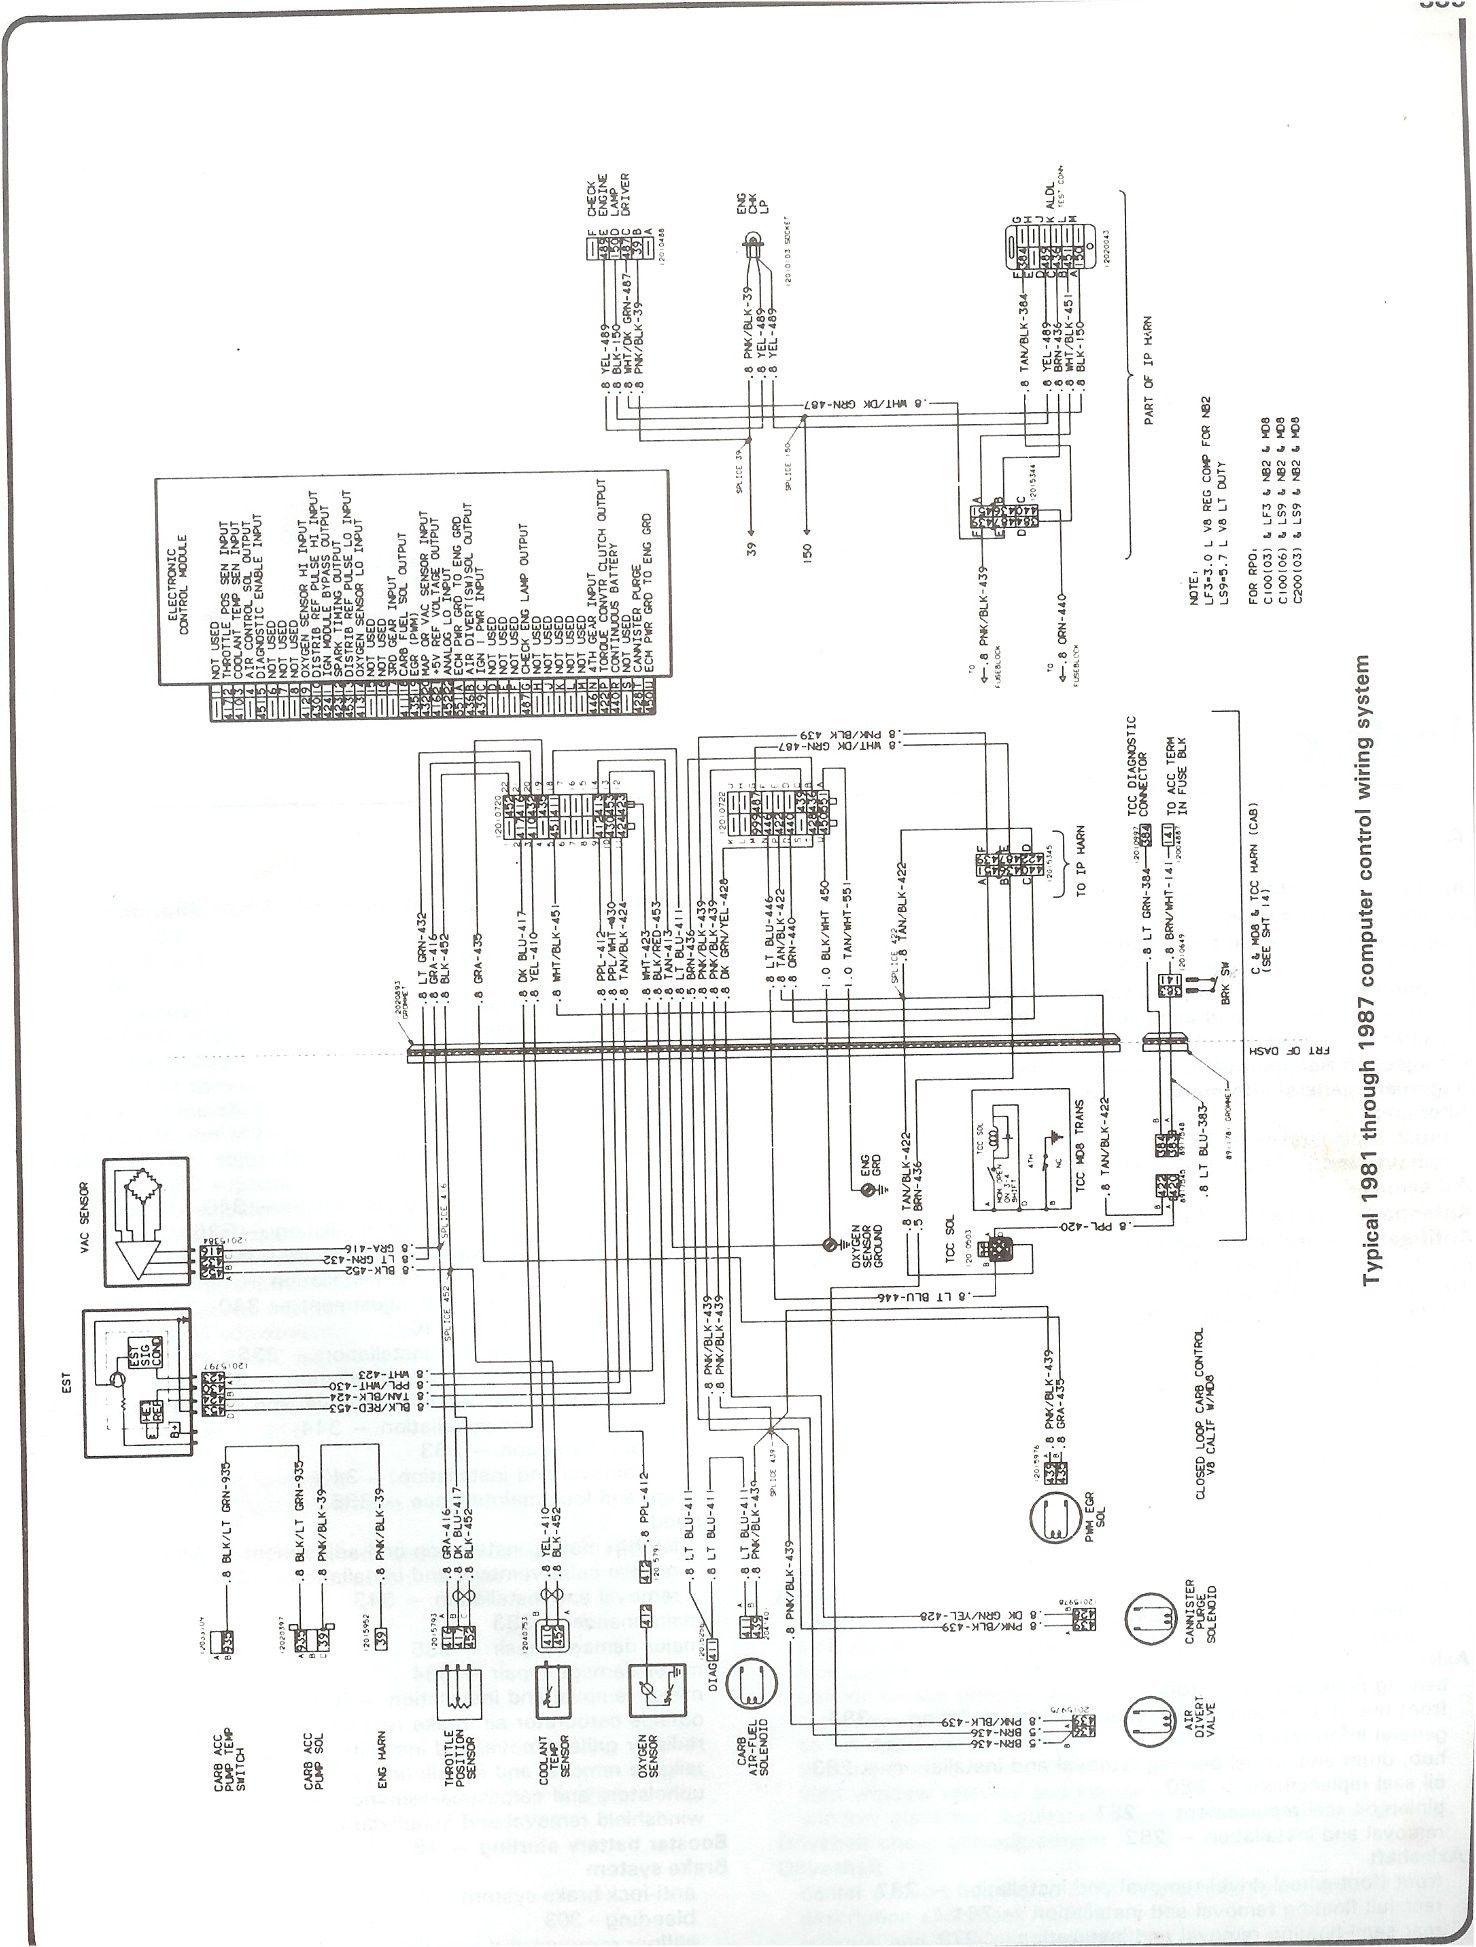 [DIAGRAM] 98 Blazer Fuse Diagram